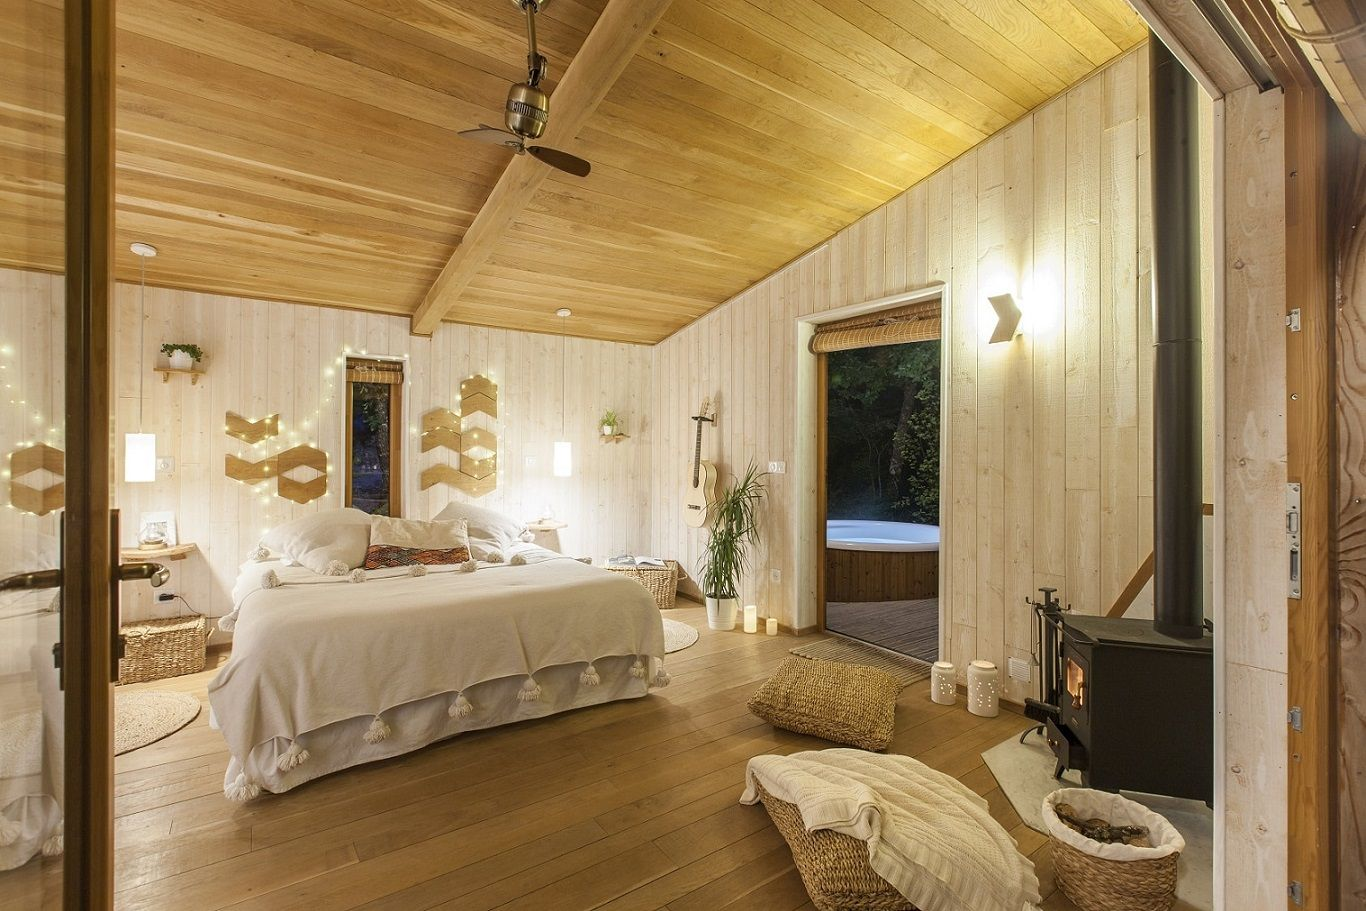 Epingle Par Jessica Ty Anna Thomsen Sur Cabin In The Woods En 2020 Cabane Spa Cabane Avec Jacuzzi Cabane